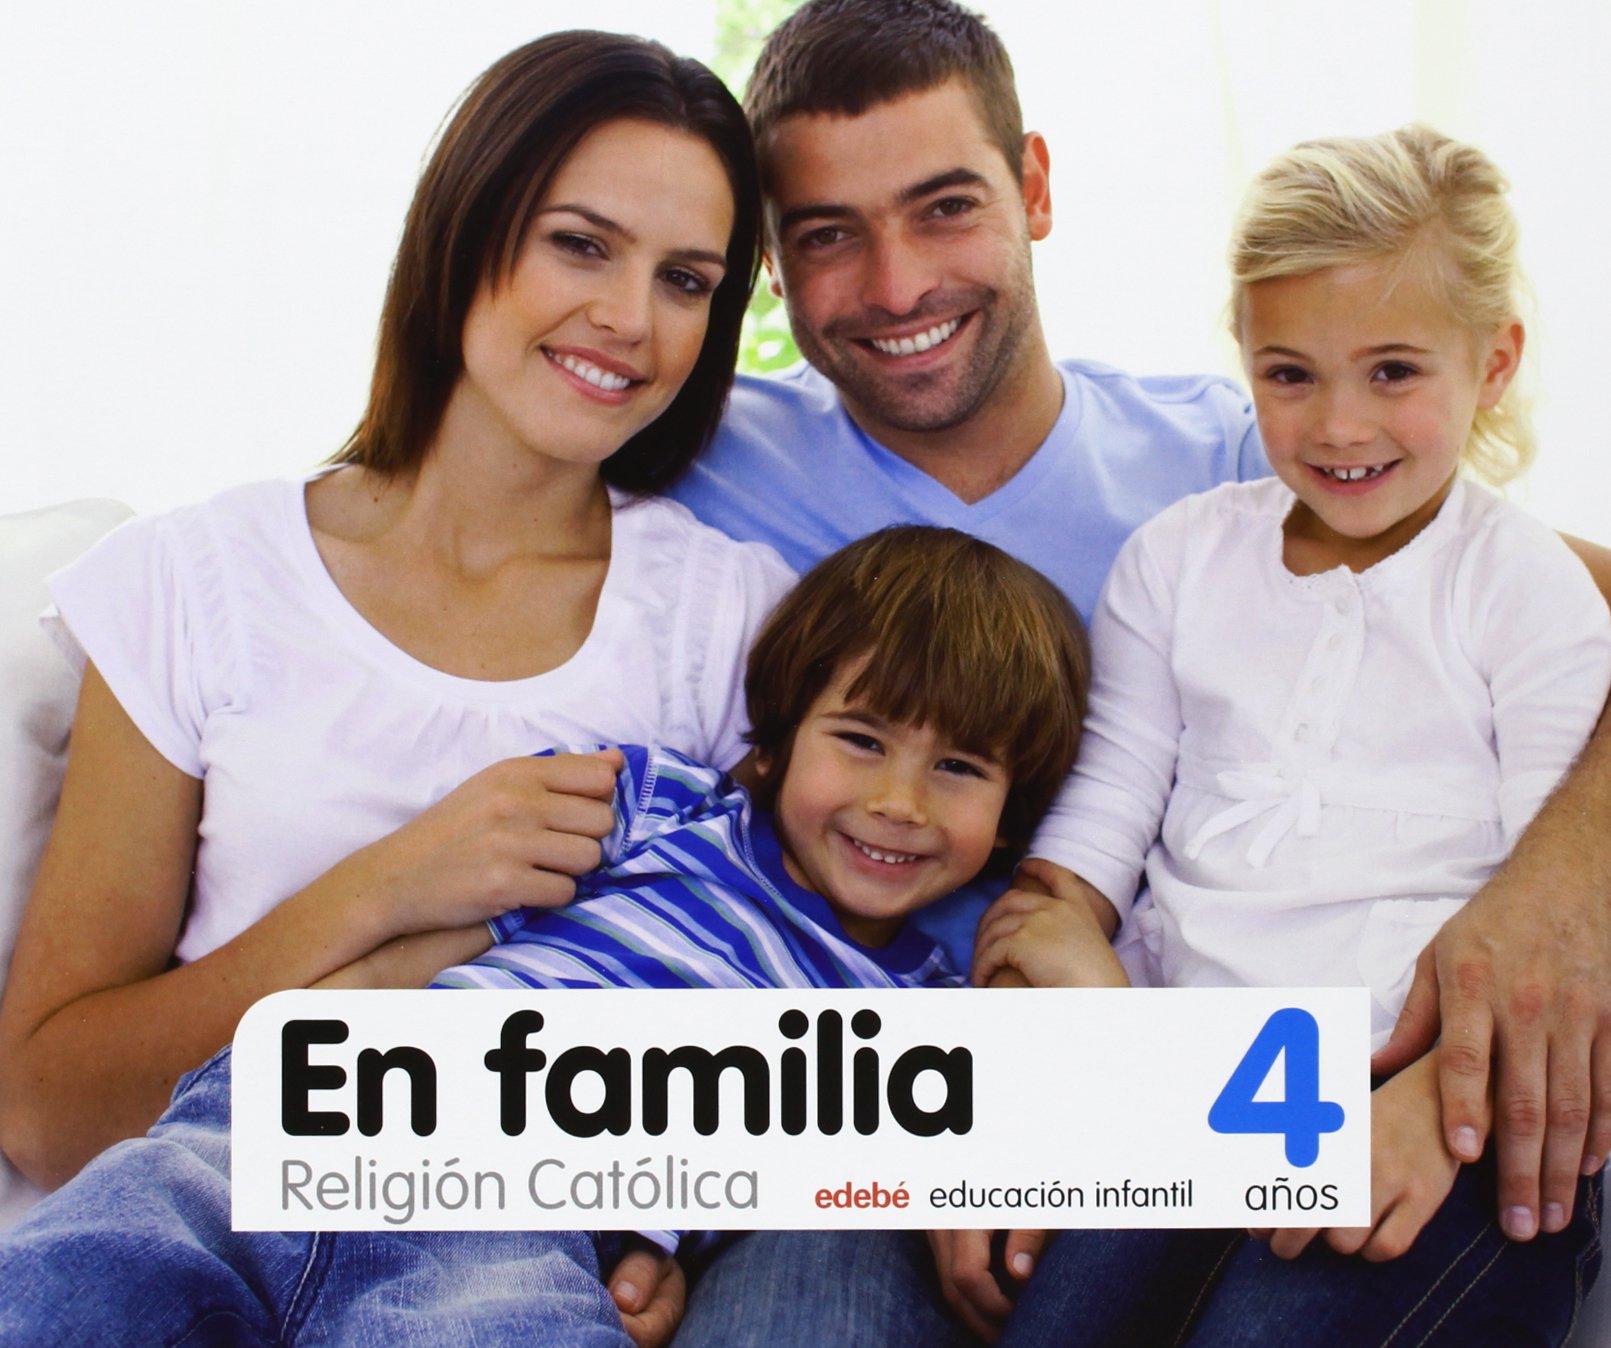 RELIGIÓN CATOLICA 4 AÑOS TOBIH-COMPACT - 9788468309880: Amazon.es: Obra  Colectiva Edebé: Libros